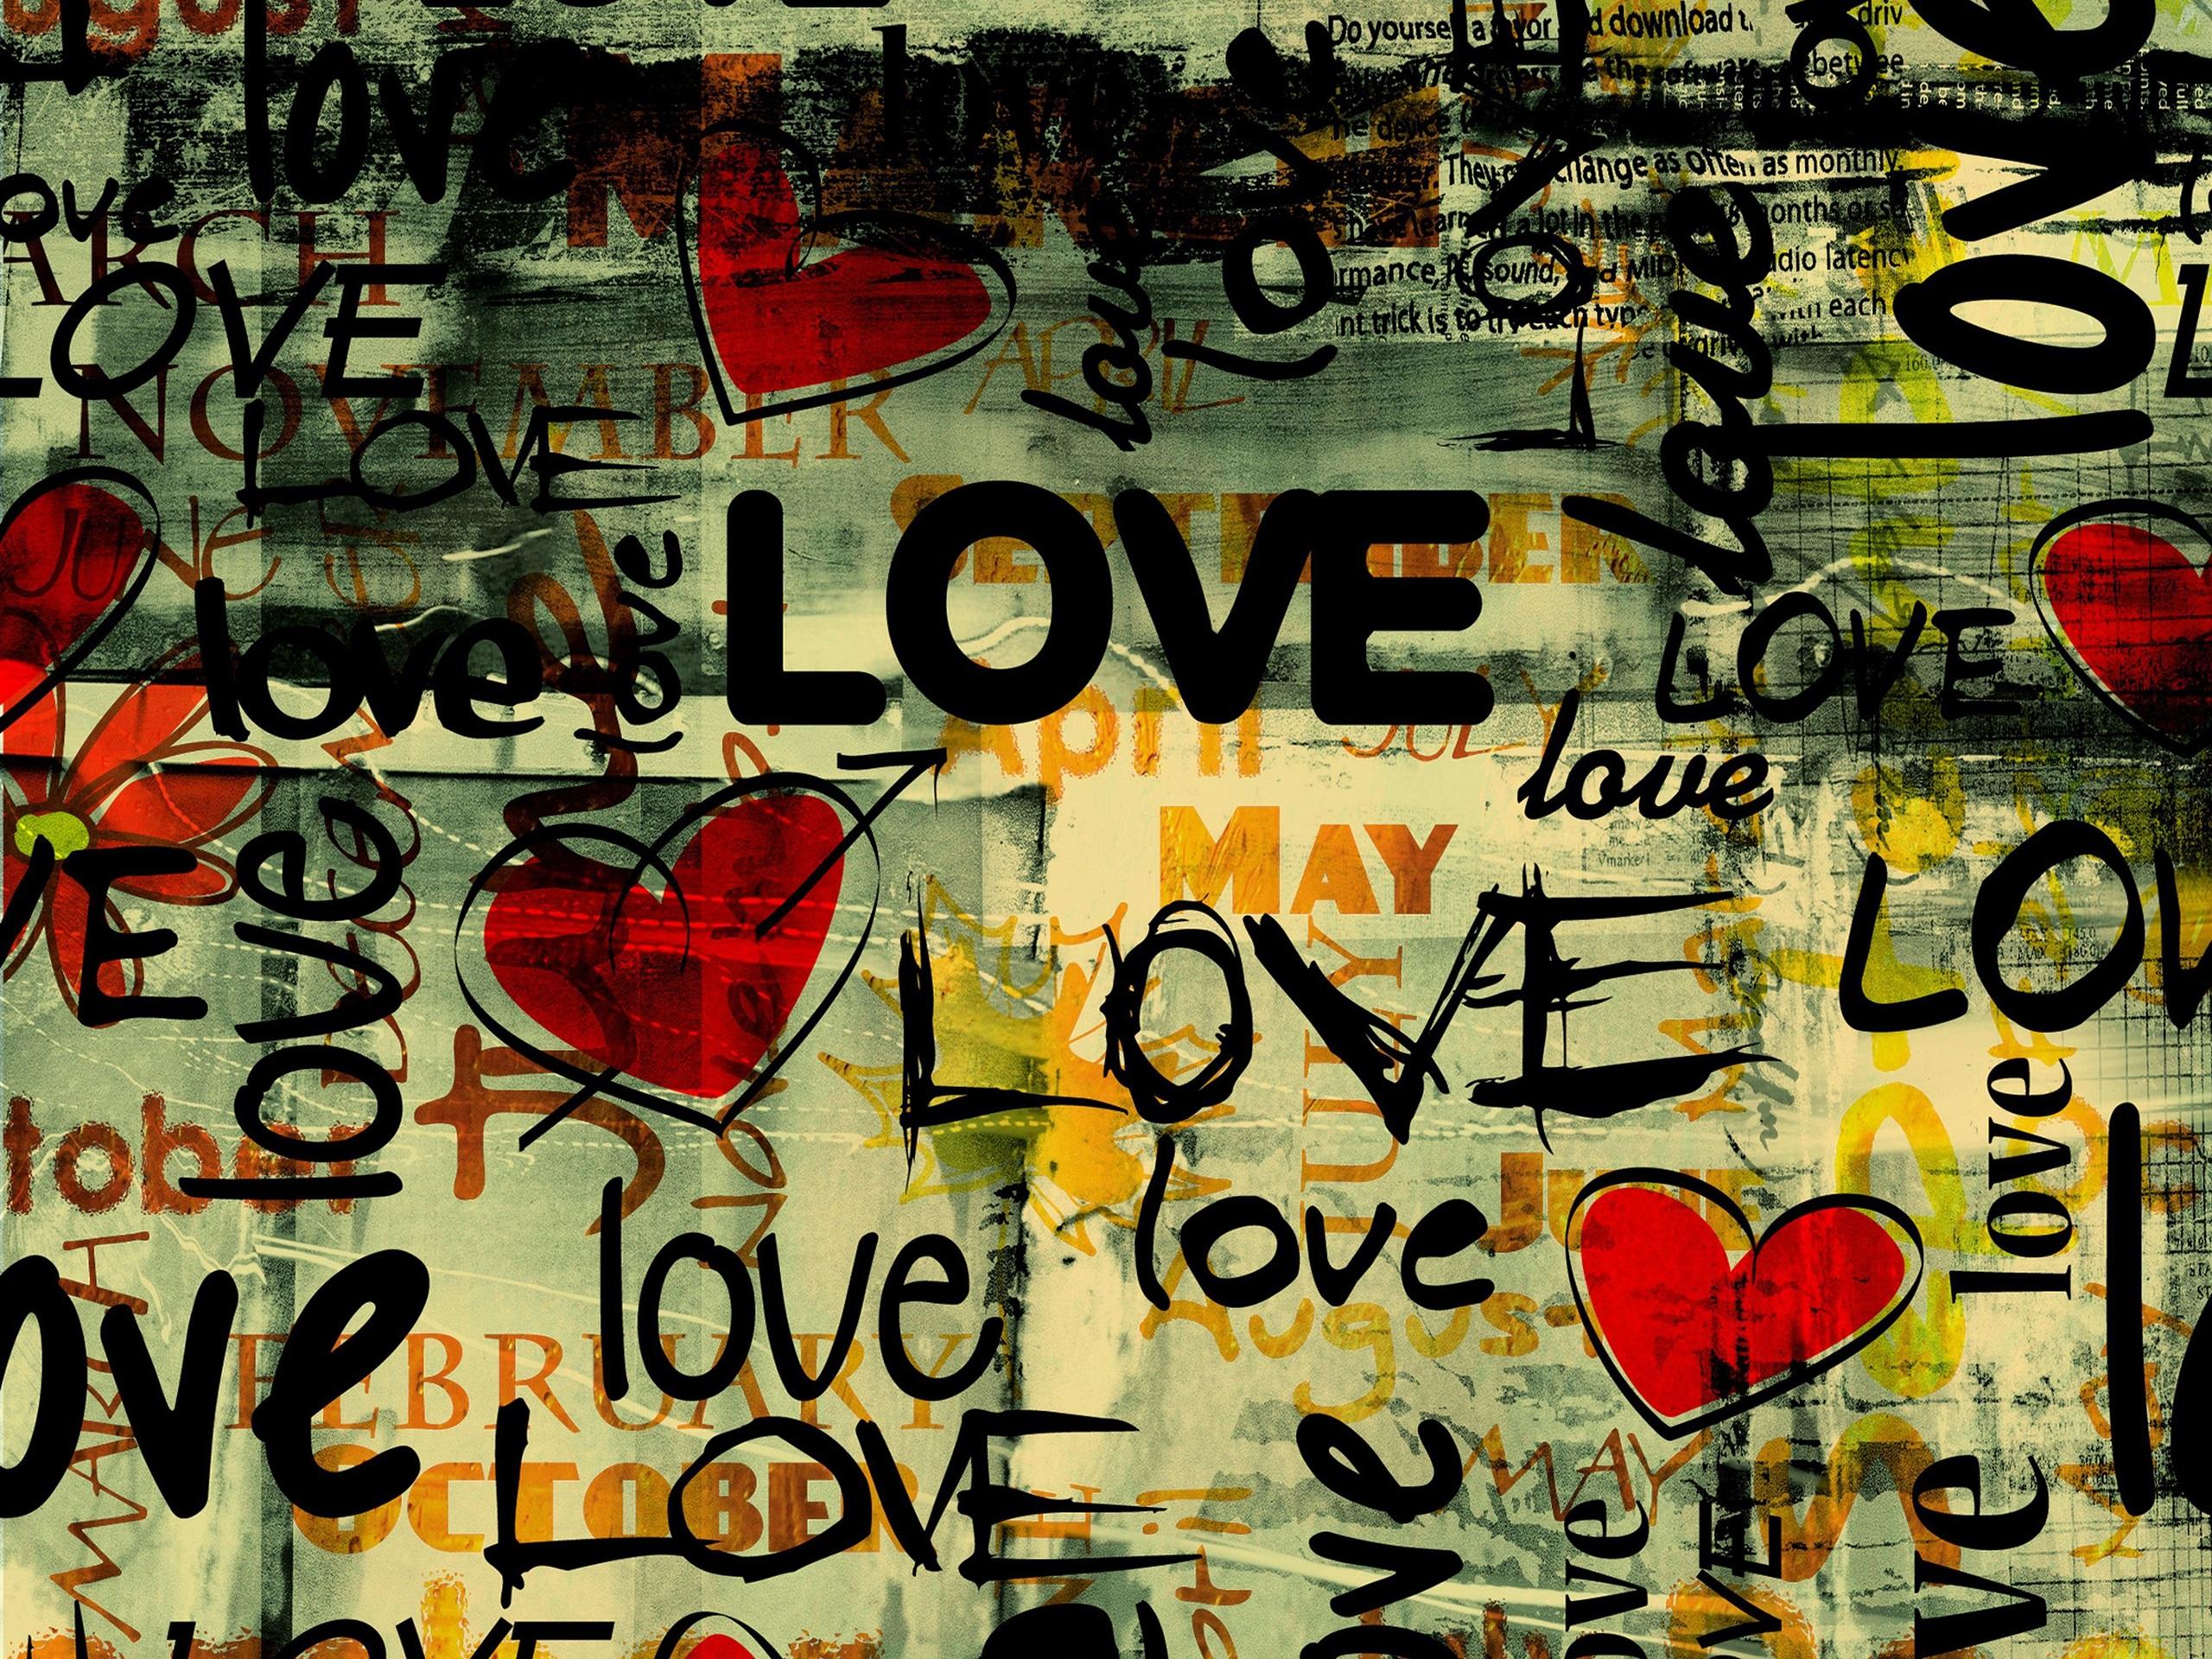 Обои с надписями про любовь для стен, марта